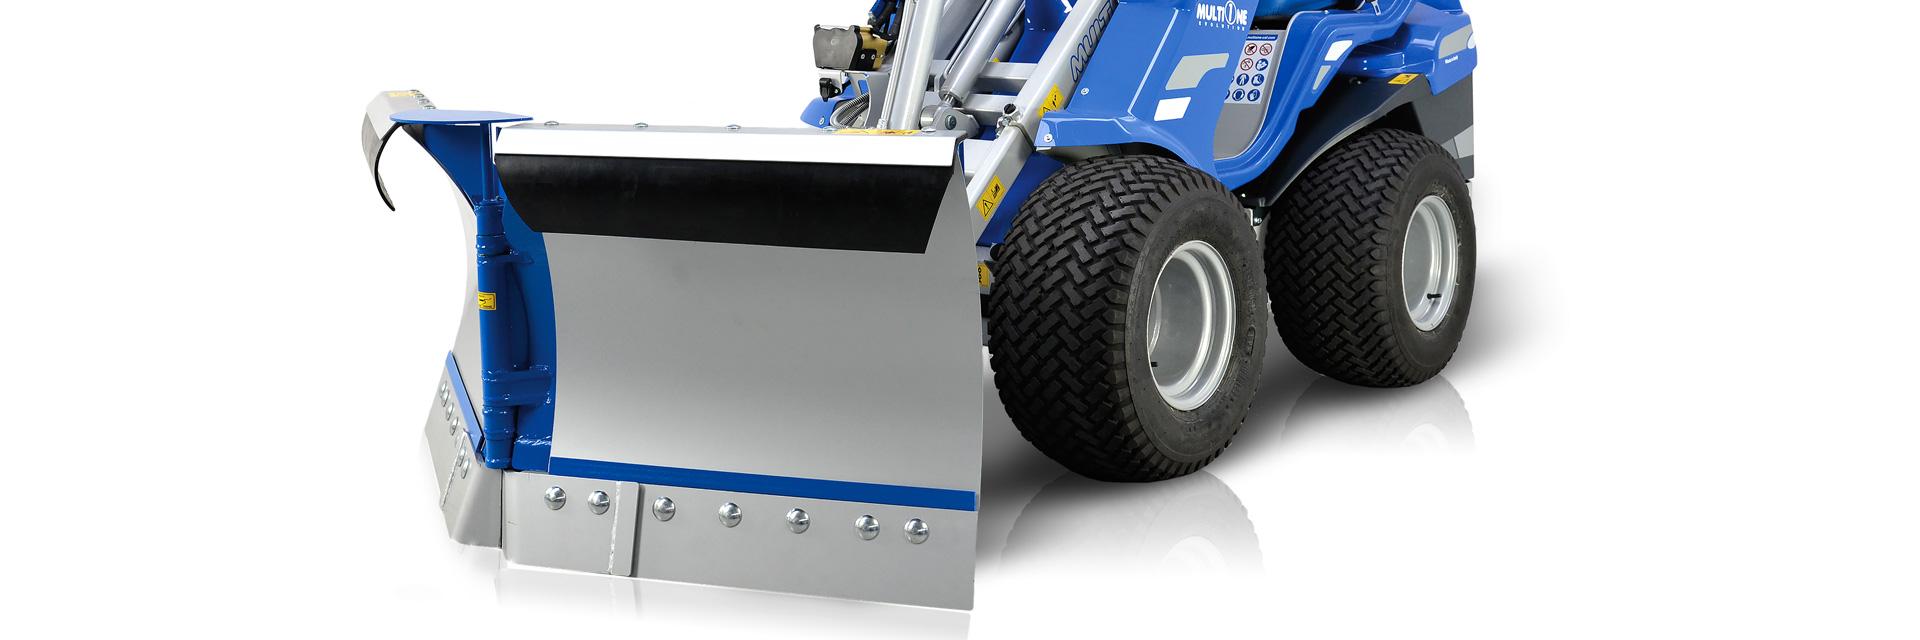 Multione-snow-plow for mini excavator